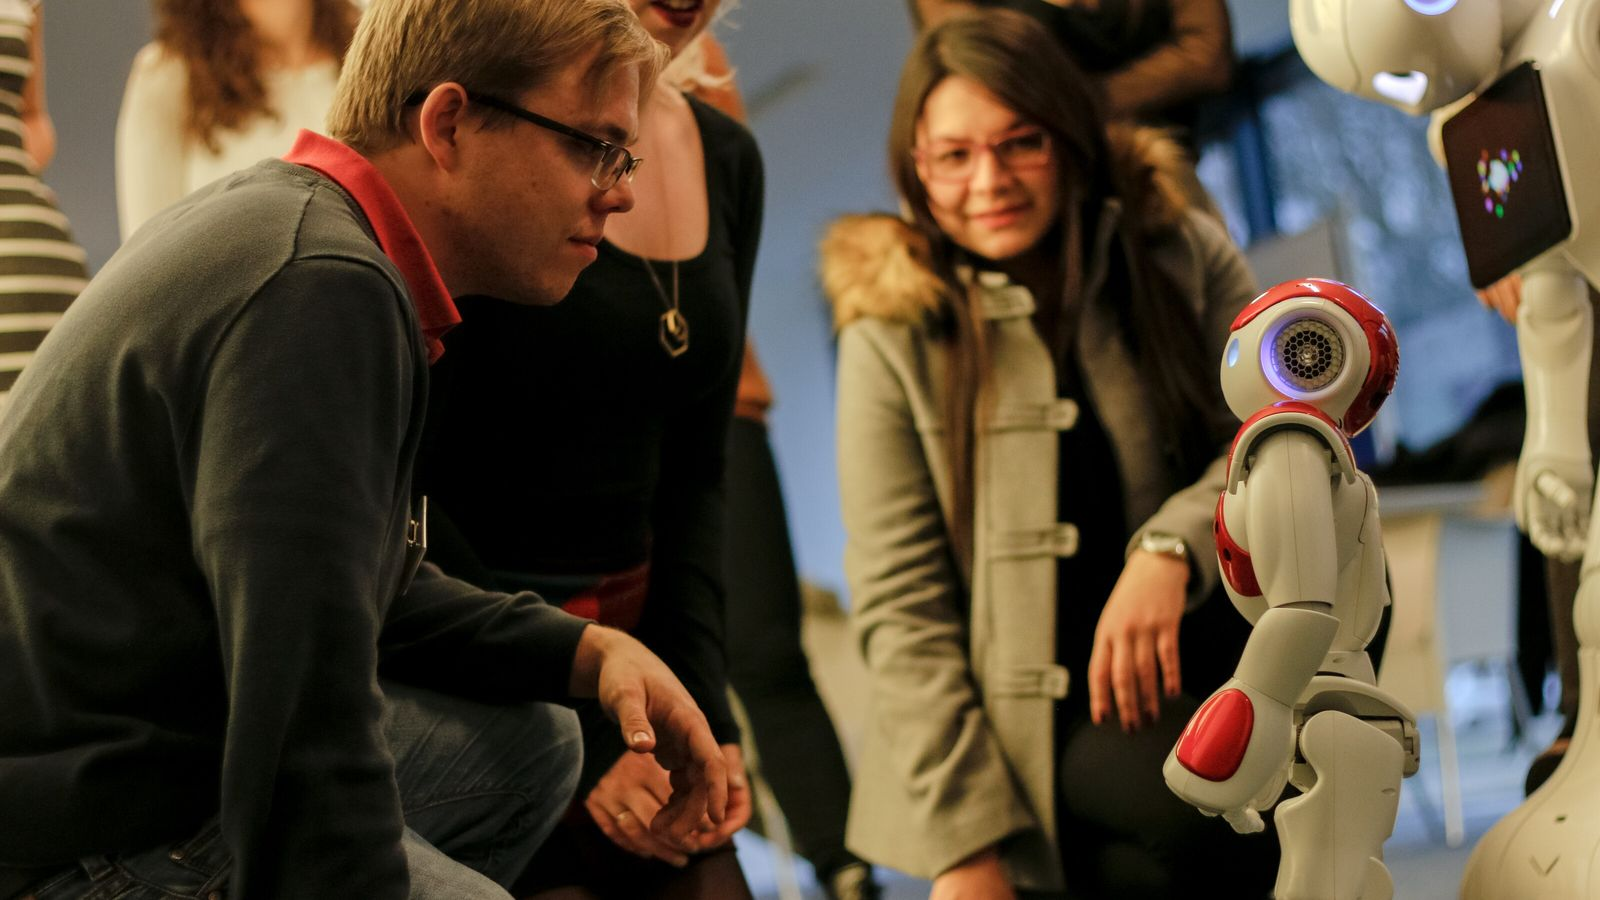 Outre la santé, l'éducation est l'autre grand champ d'expérimentation de la robotique sociale. Le projet ANIMATAS ...